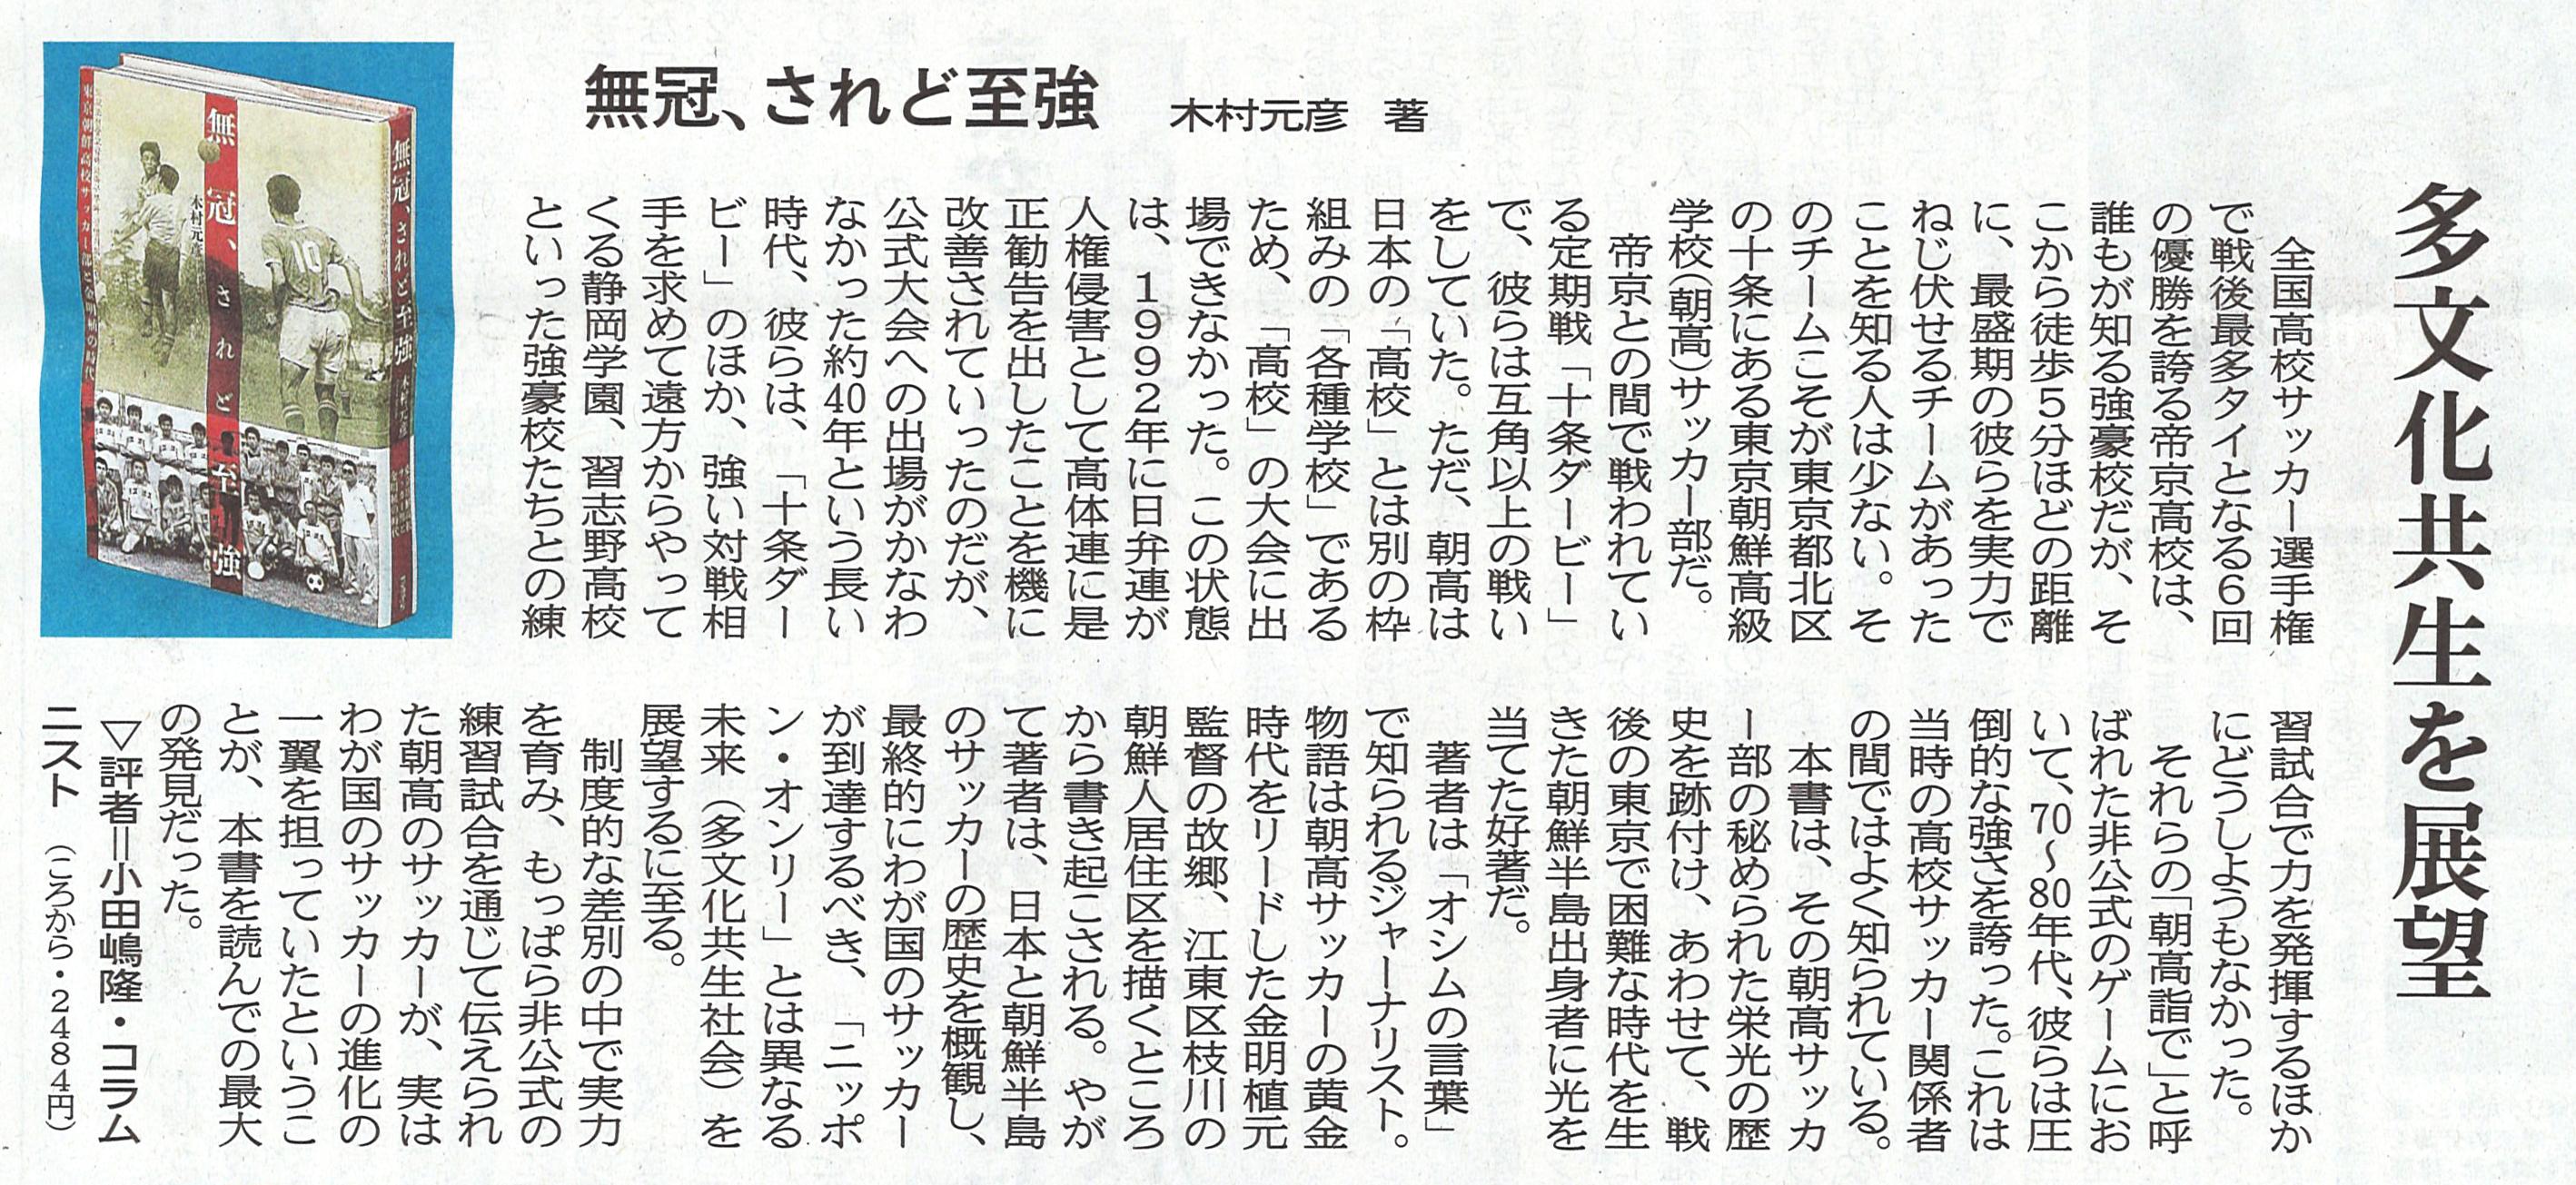 北國新聞ニュース